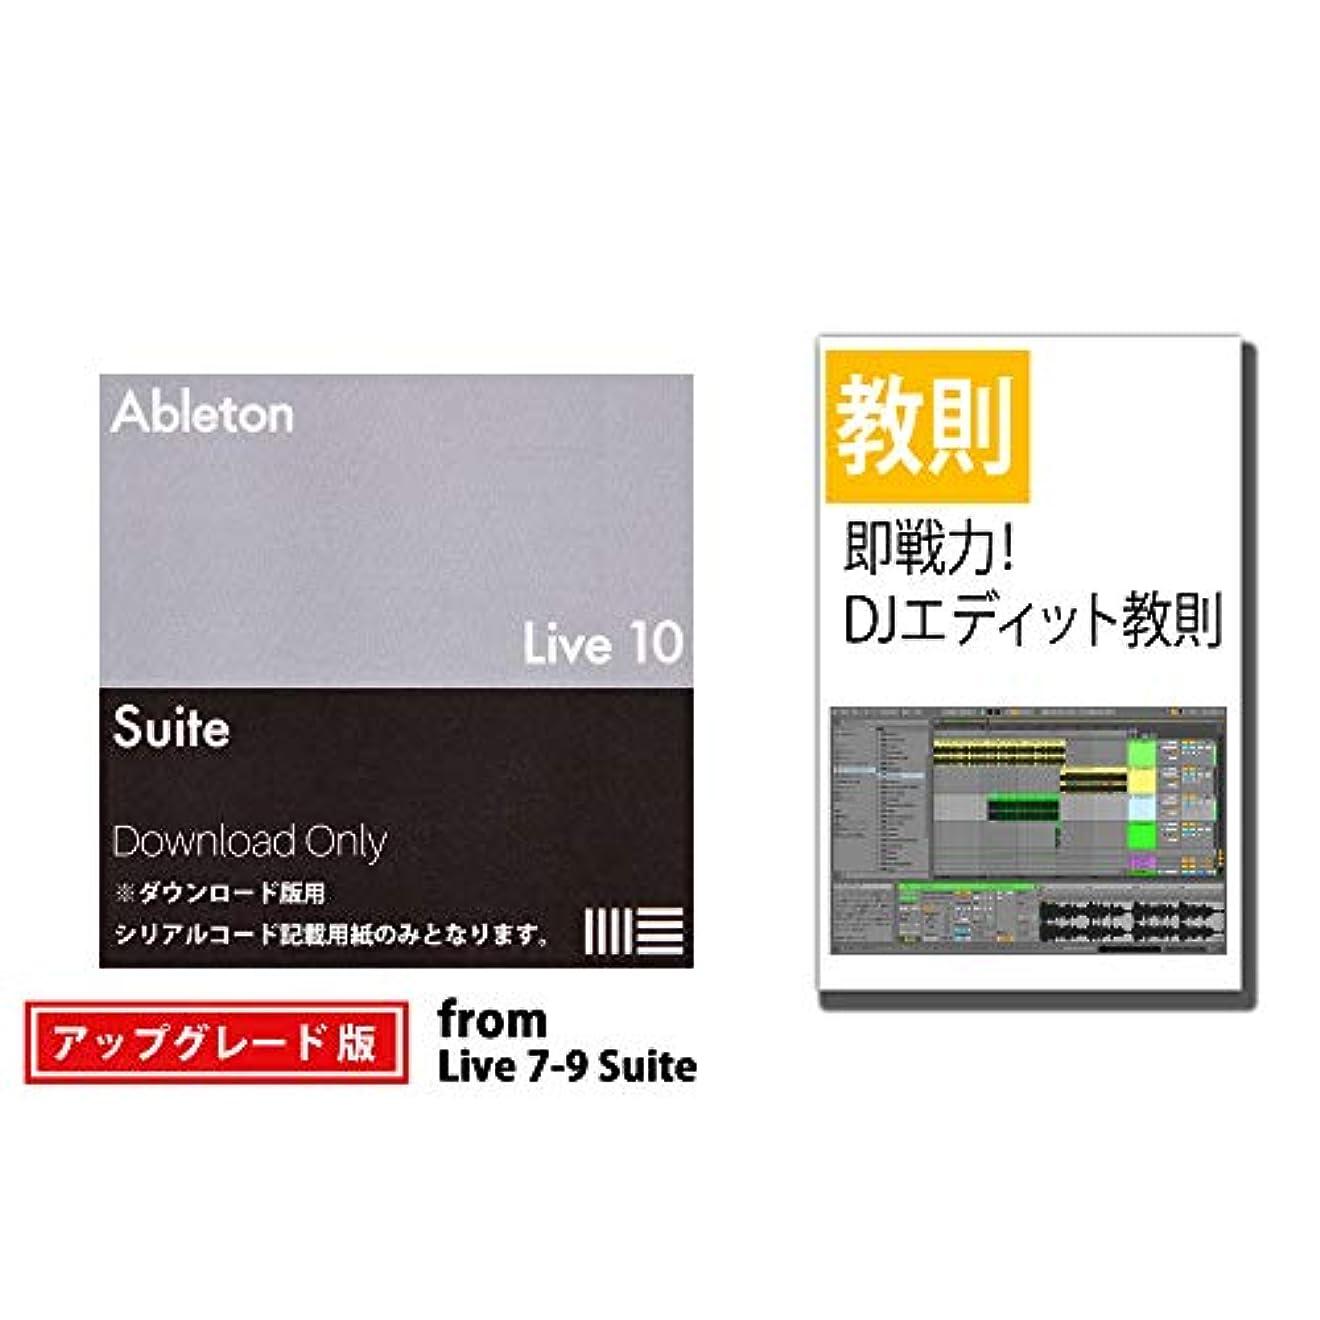 維持ポインタエリート【1大特典】Ableton Live10 Suite from Live7-9 Suite 楽曲制作ソフト【ダウンロード版】+ DJエディット教則